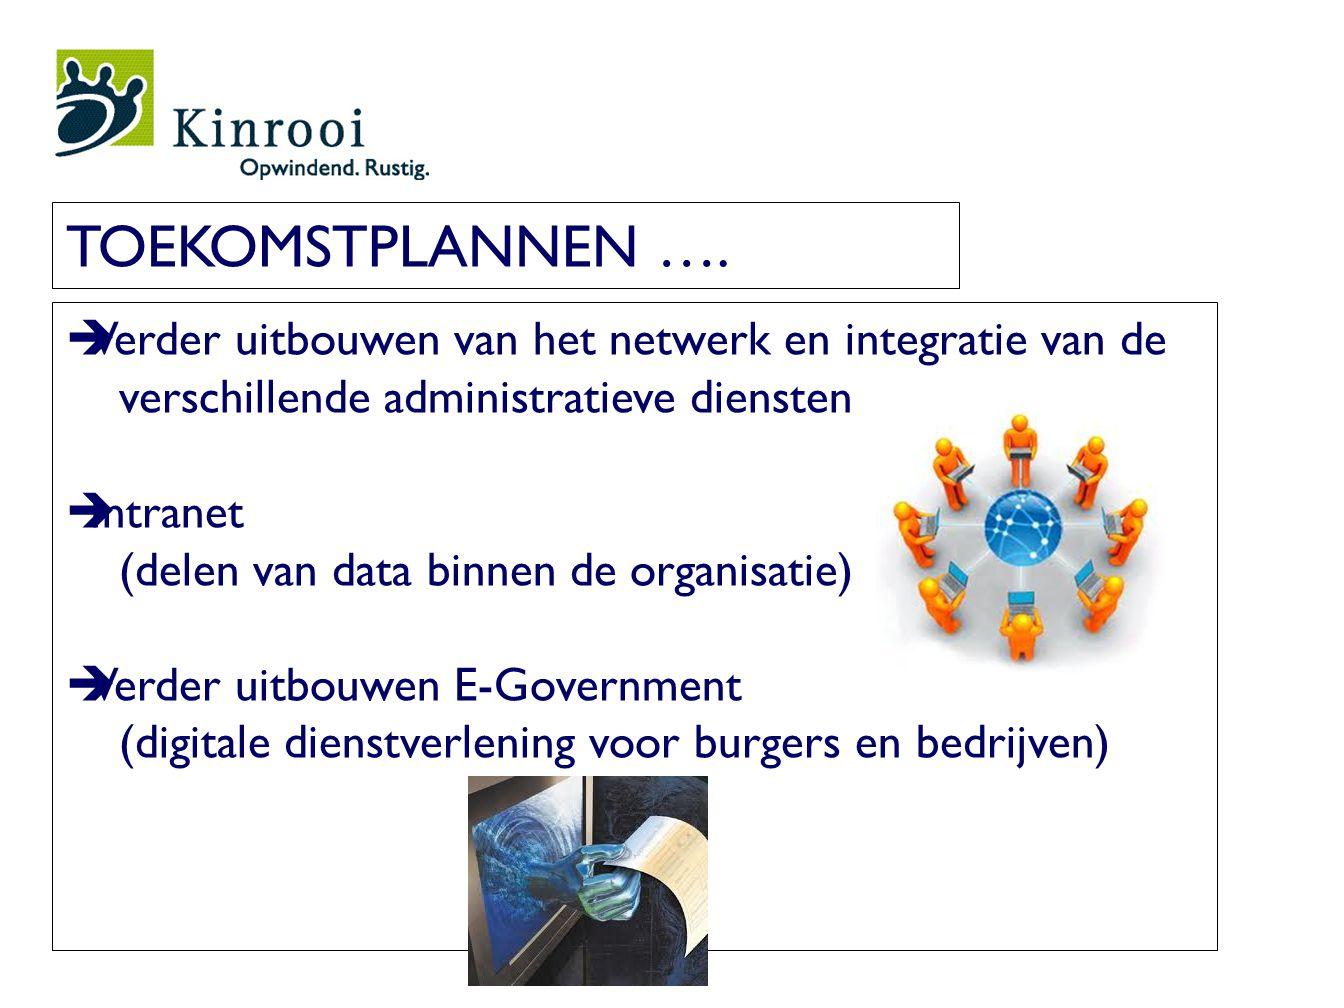 NOG ENKELE DATA 3 Digitale telefooncentrales 1 Zegelmachine (voor frankeren briefwisseling) 3 Beamers 18 GSM's 2 Smartphones Internet- en emailprovider is Belgacom